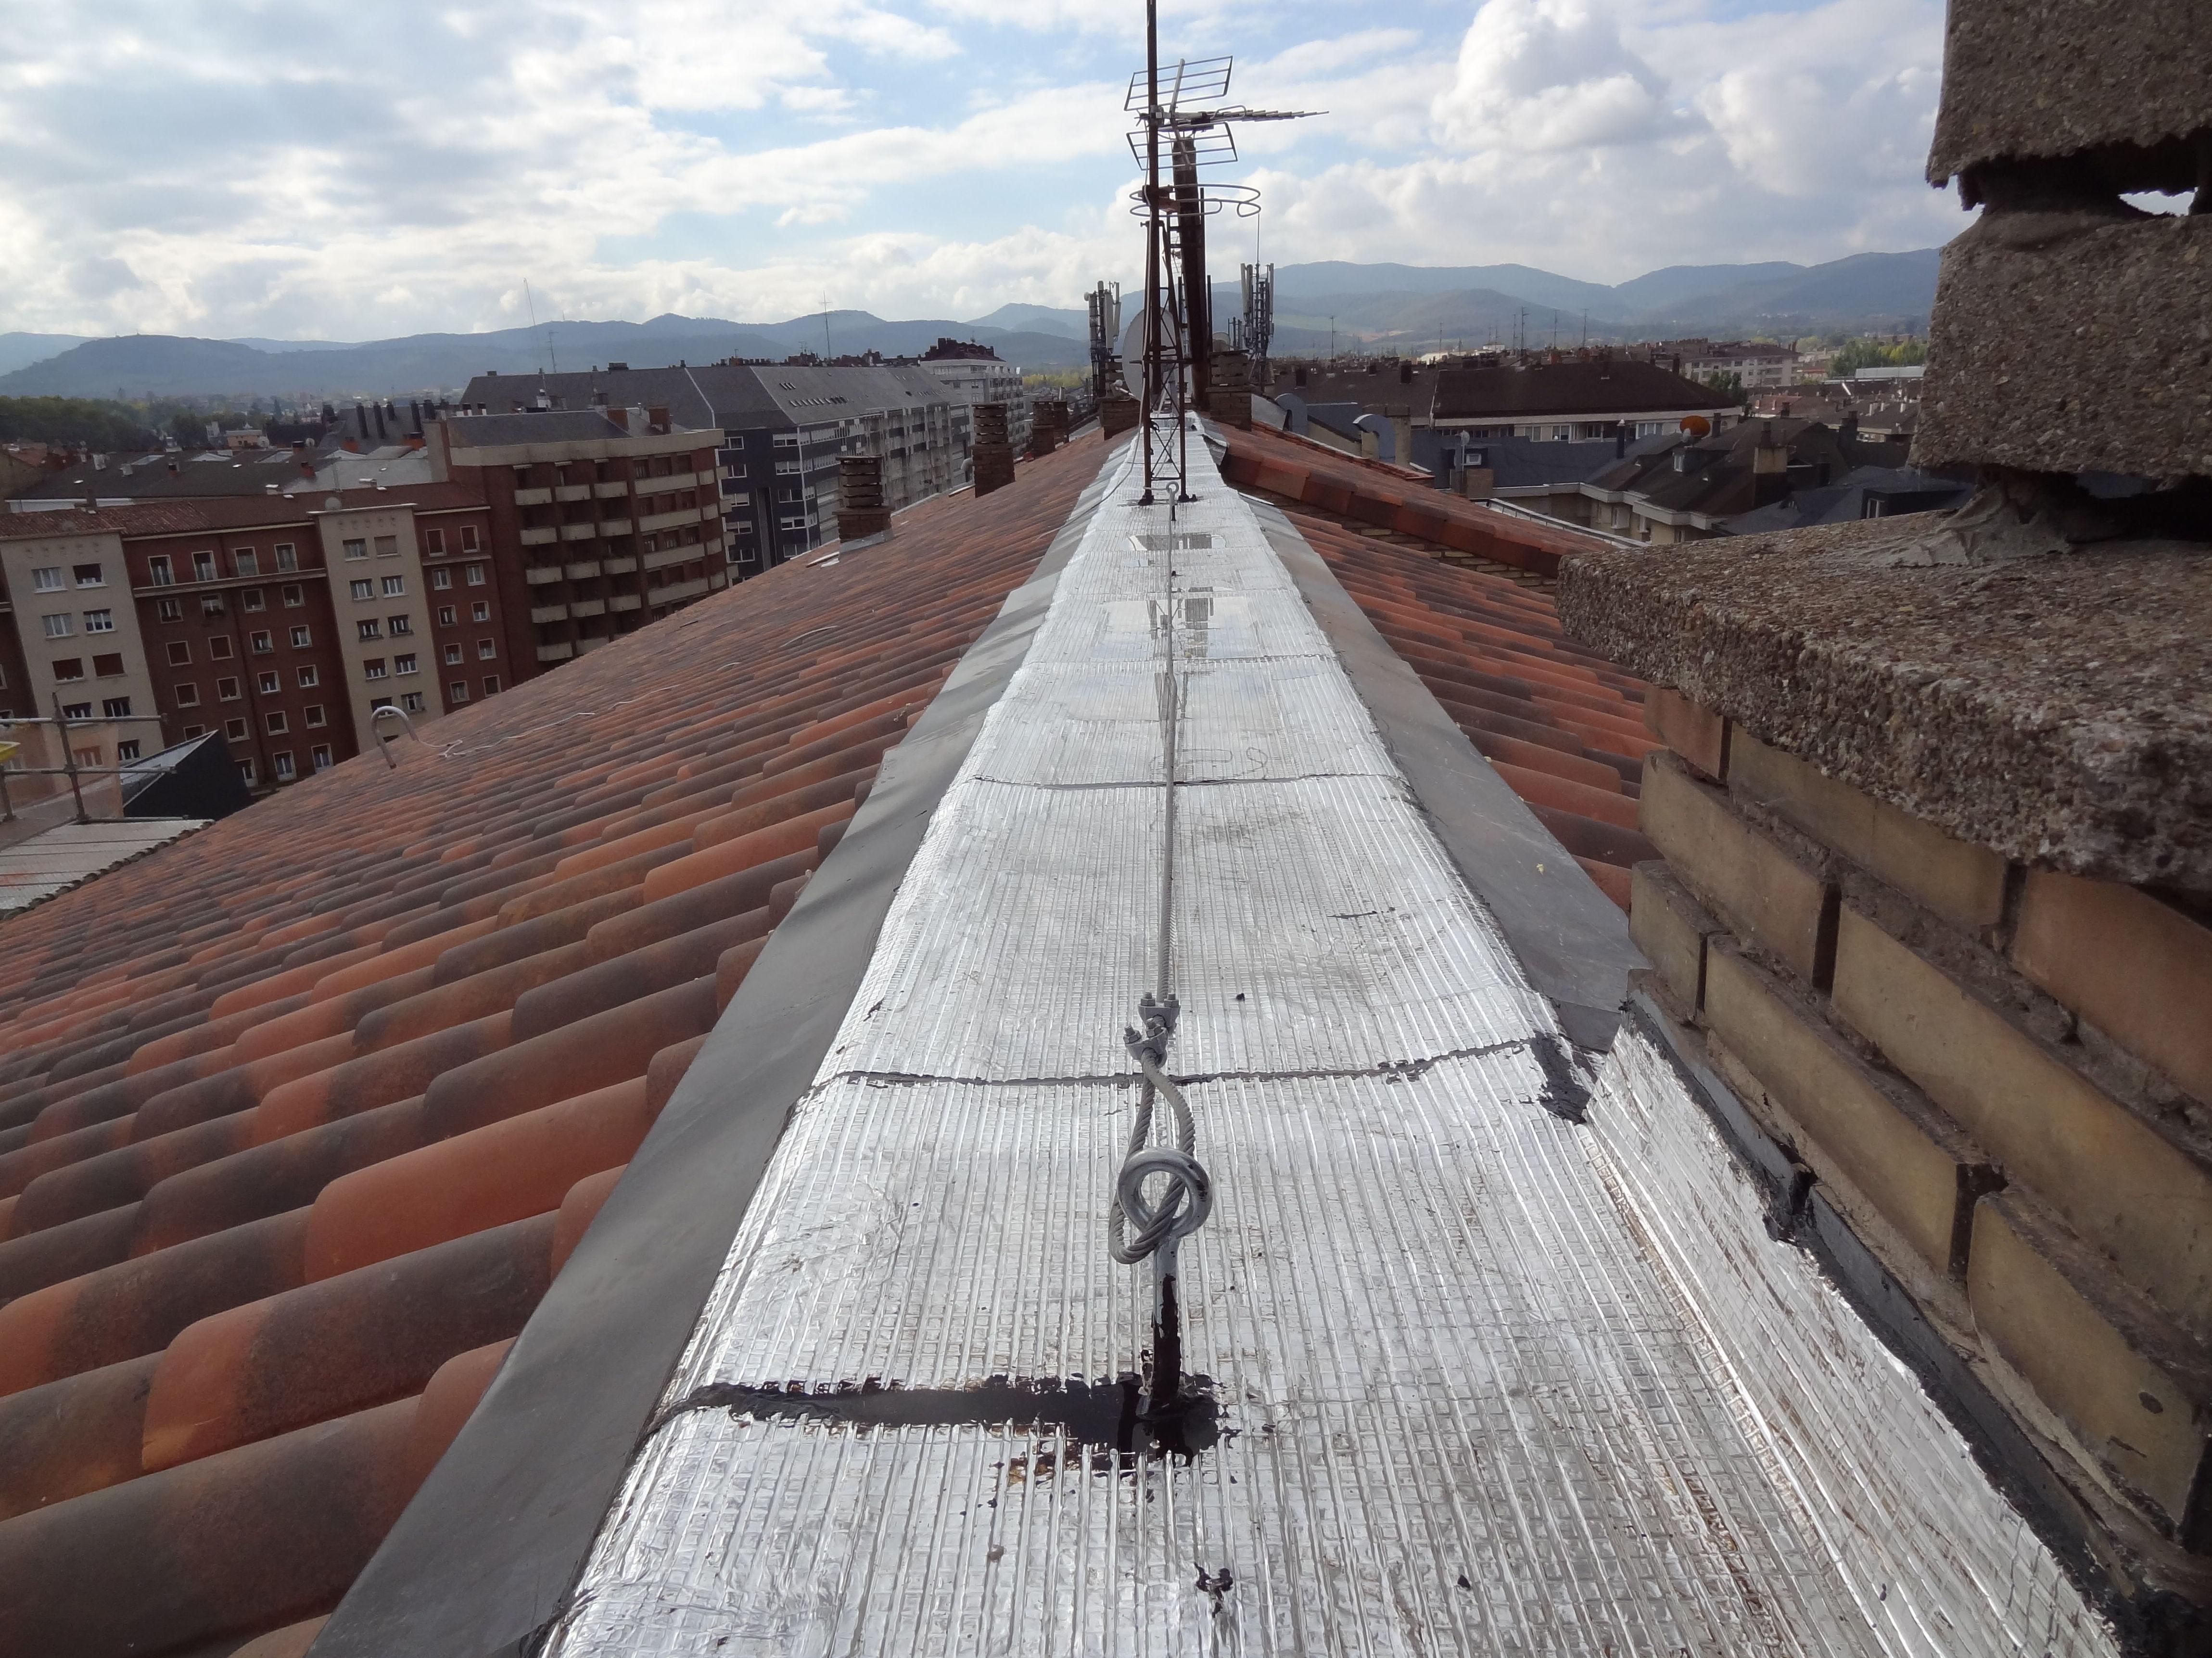 Rehabilitación de tejado en Av. Gasteiz, 51, Vitoria-Gasteiz, después de la obra